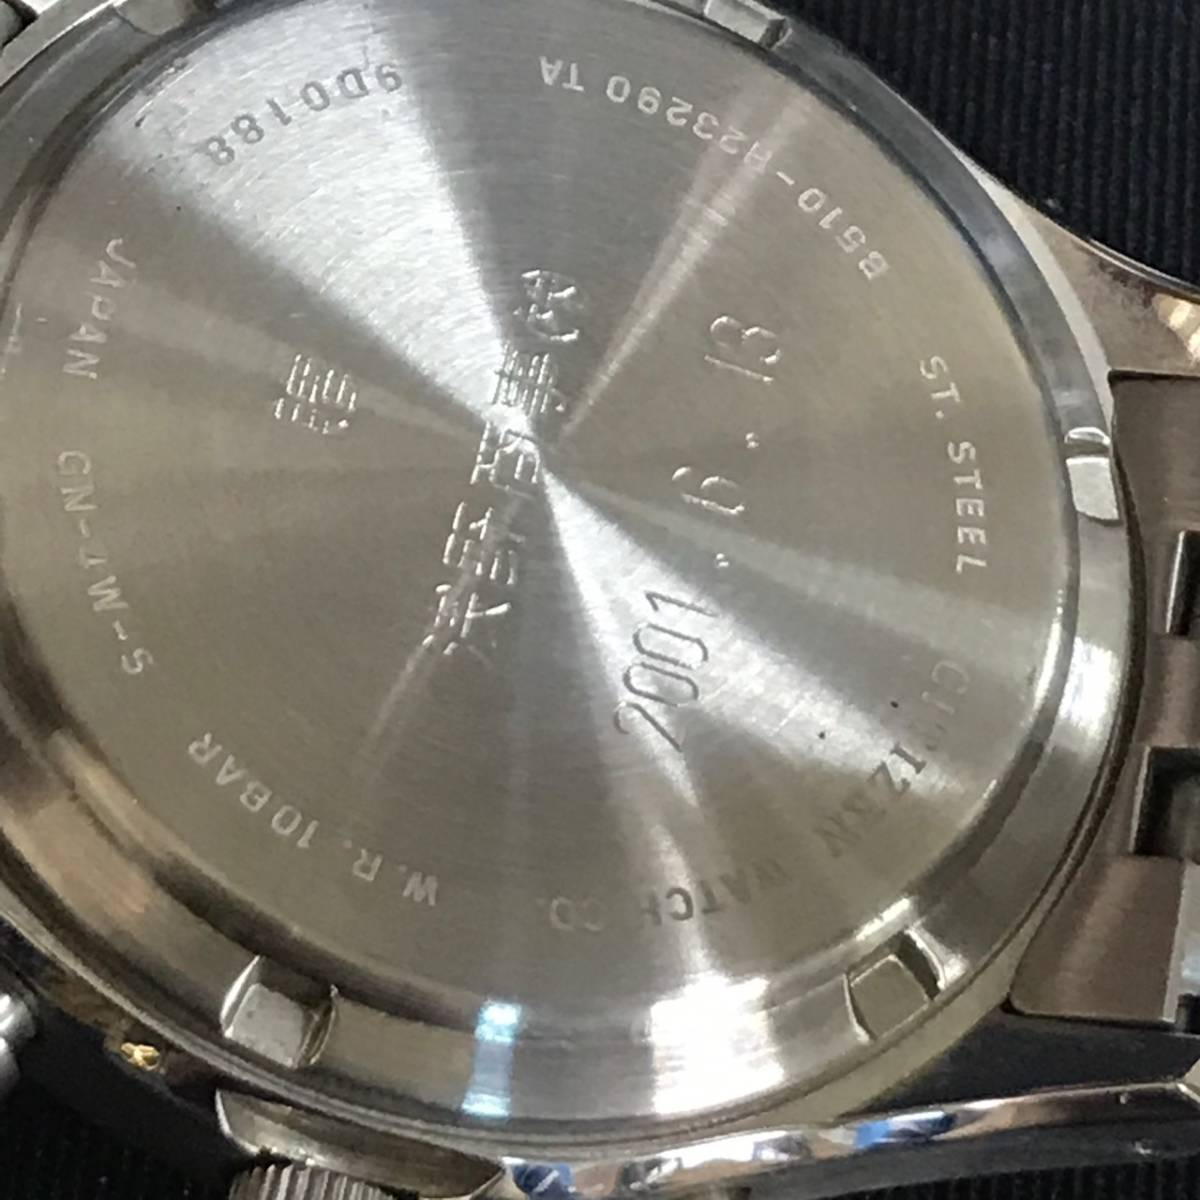 C23f01D シチズン CITIZEN エクシード エコドライブ B510 H23290 クオーツ 腕時計 自動巻き 記念品_画像5